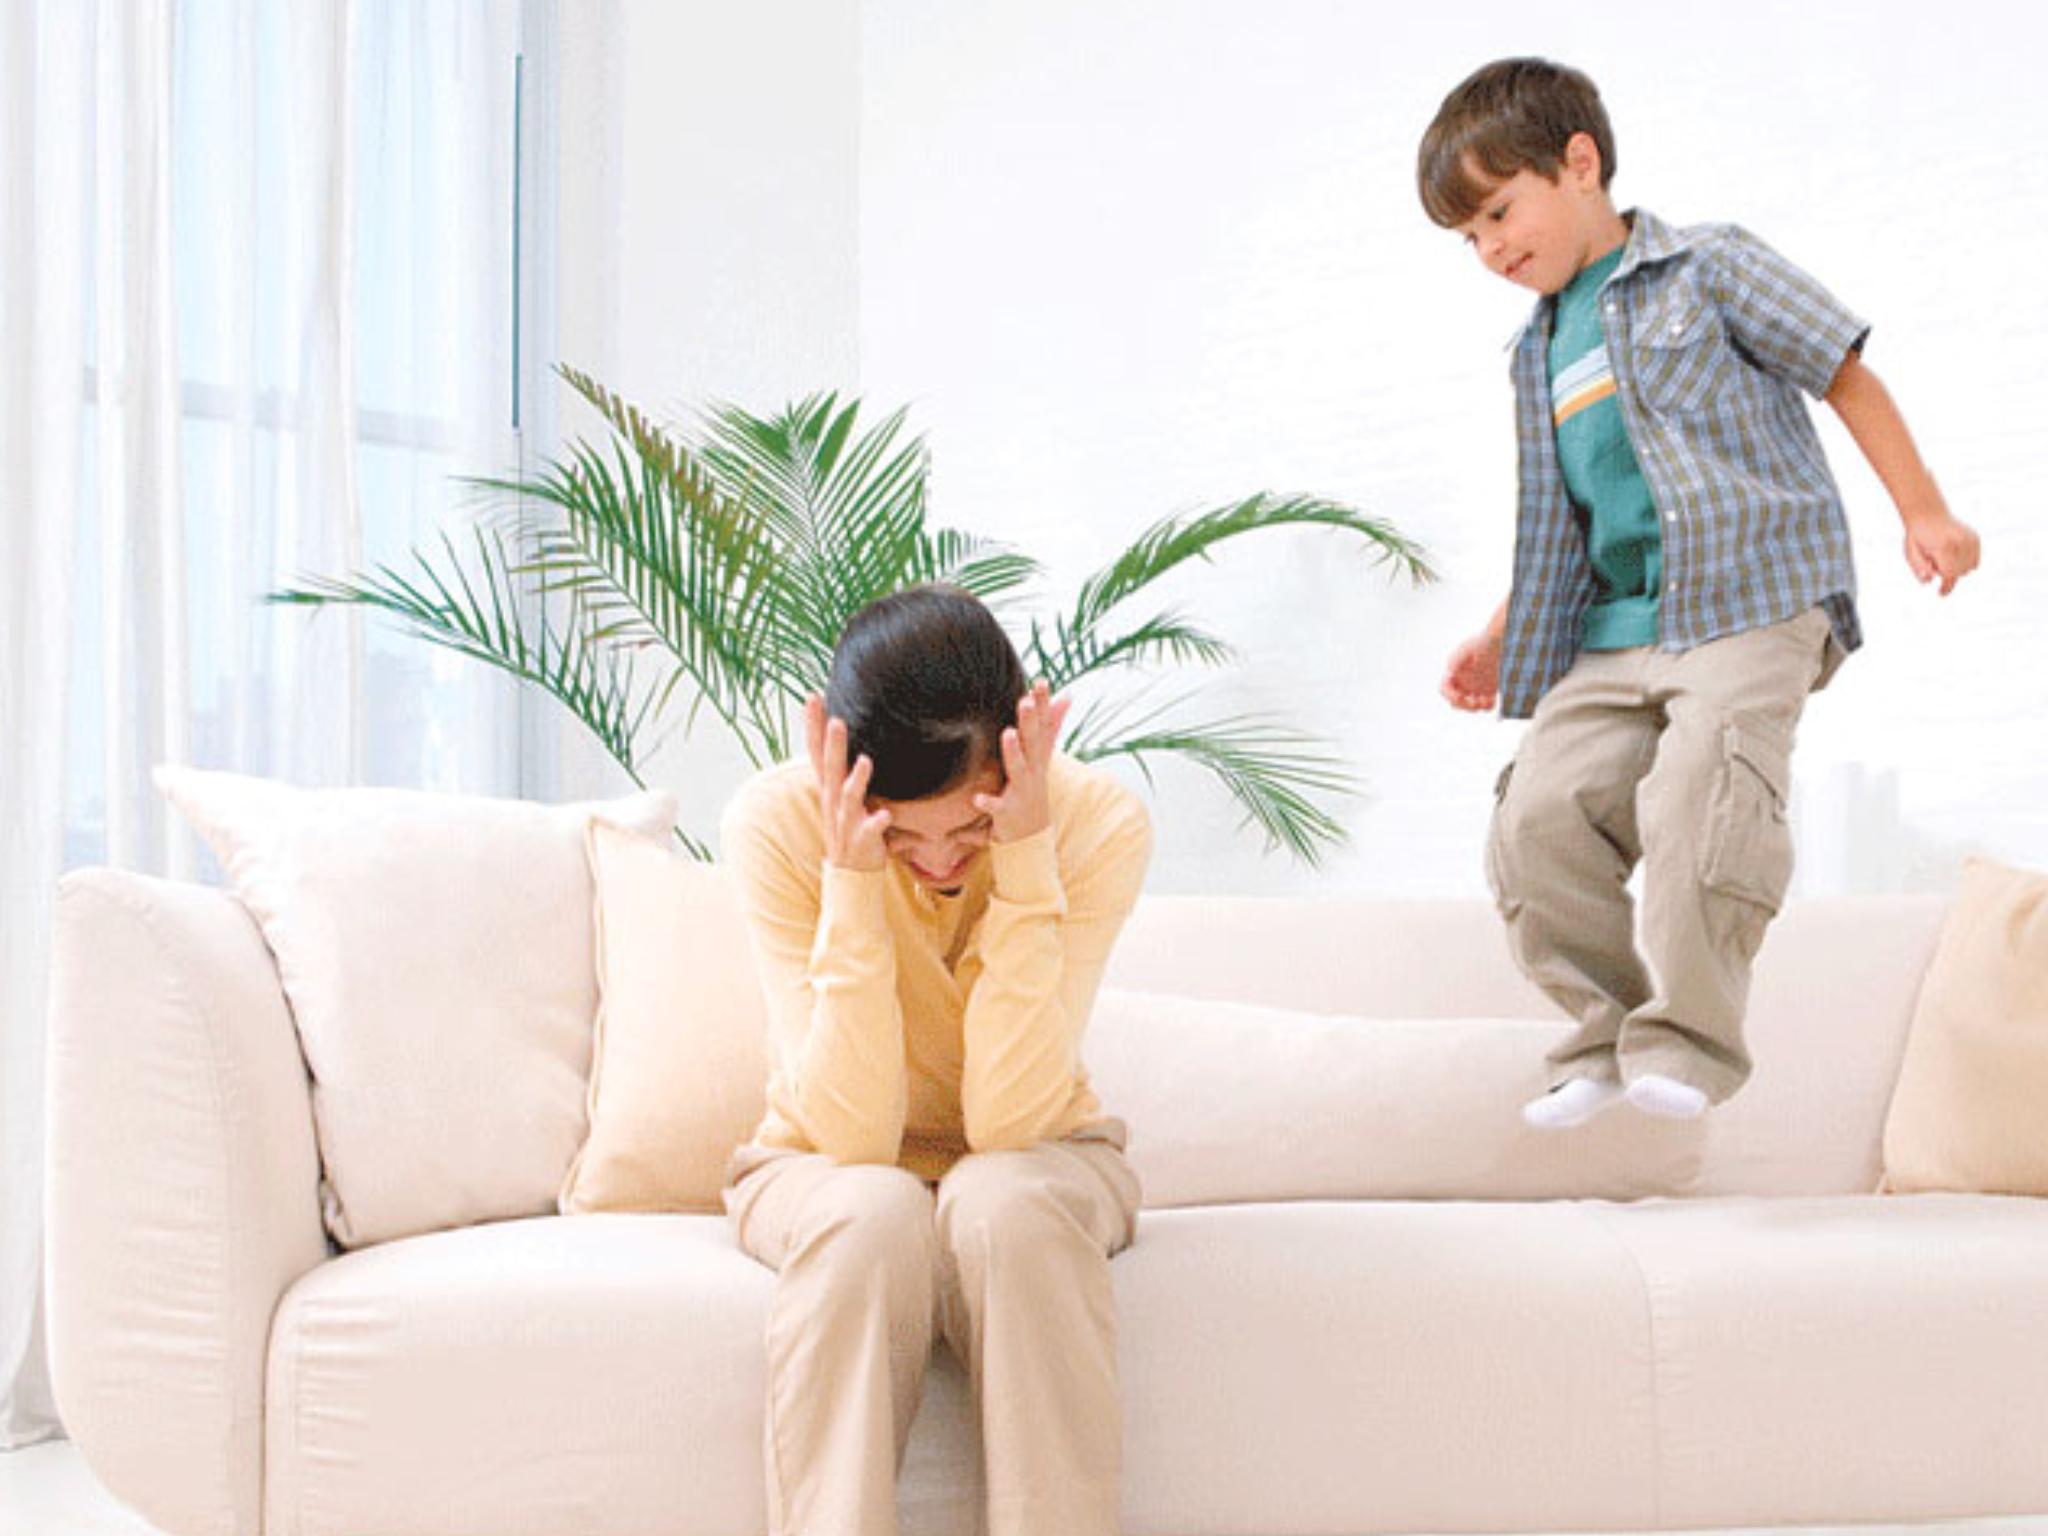 نقص التركيز لدى الأطفال أسبابه و5 طرق لعلاجه